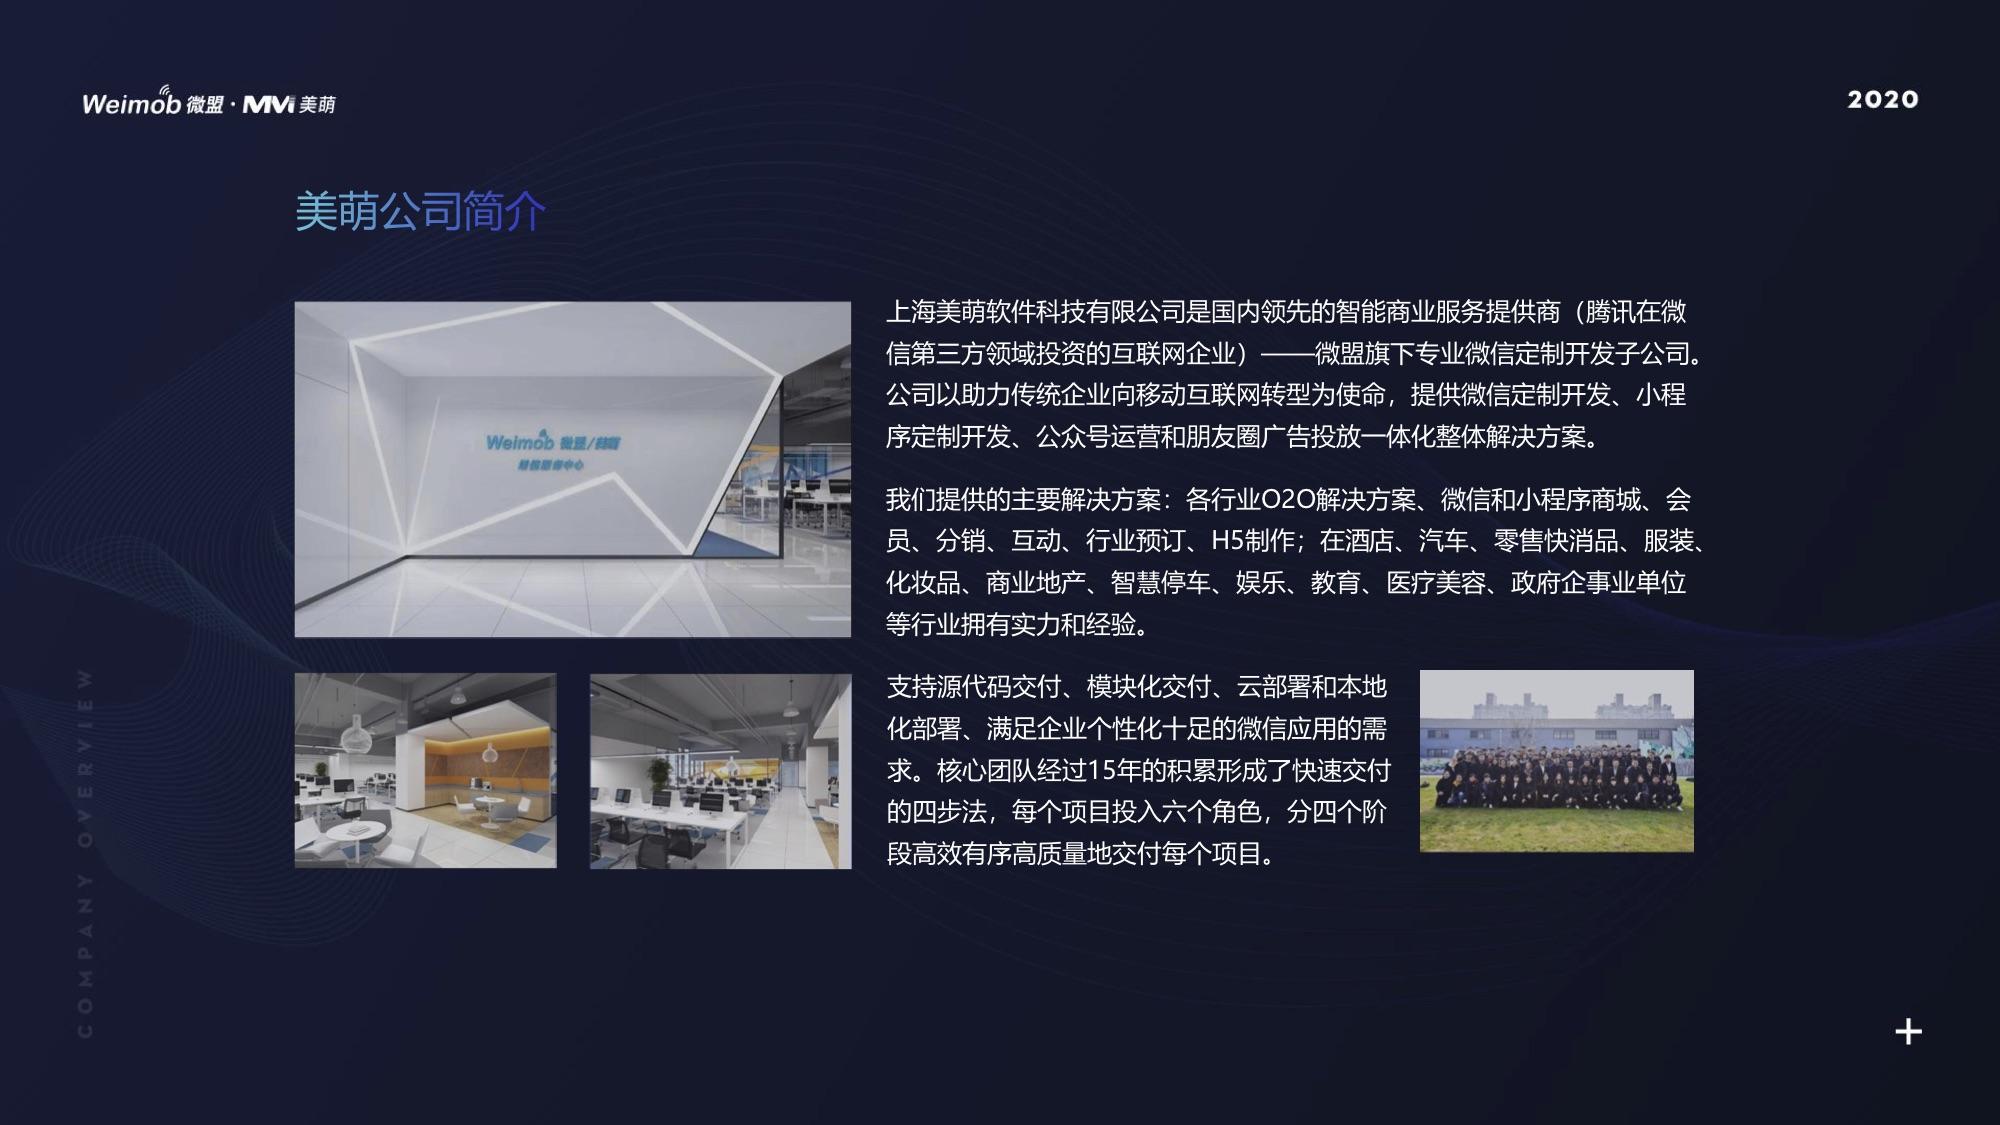 美萌微信定制开发 - 公司介绍 2020的副本.jpg